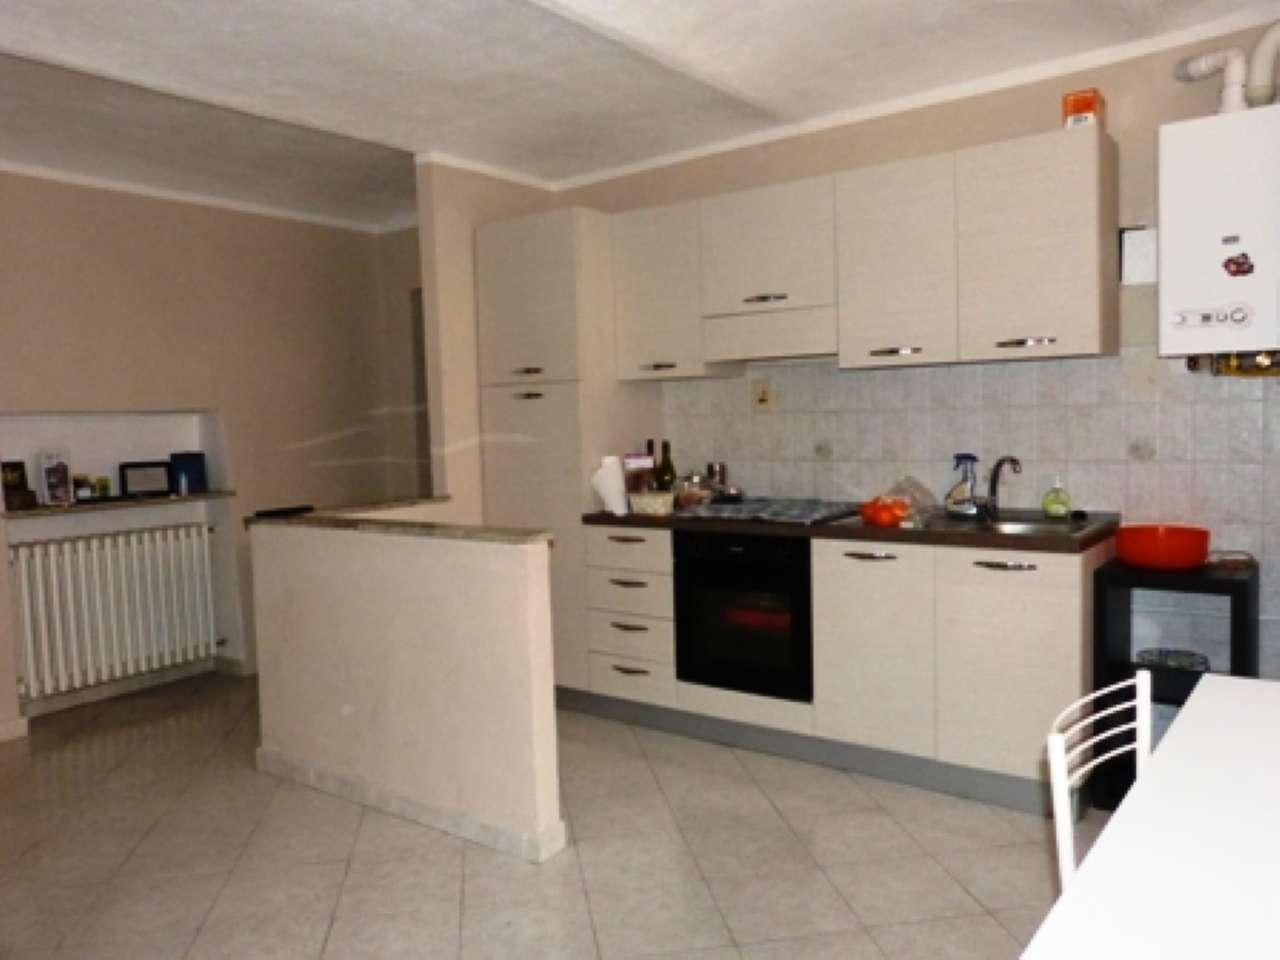 Appartamento in affitto a Fossano, 2 locali, prezzo € 370 | CambioCasa.it